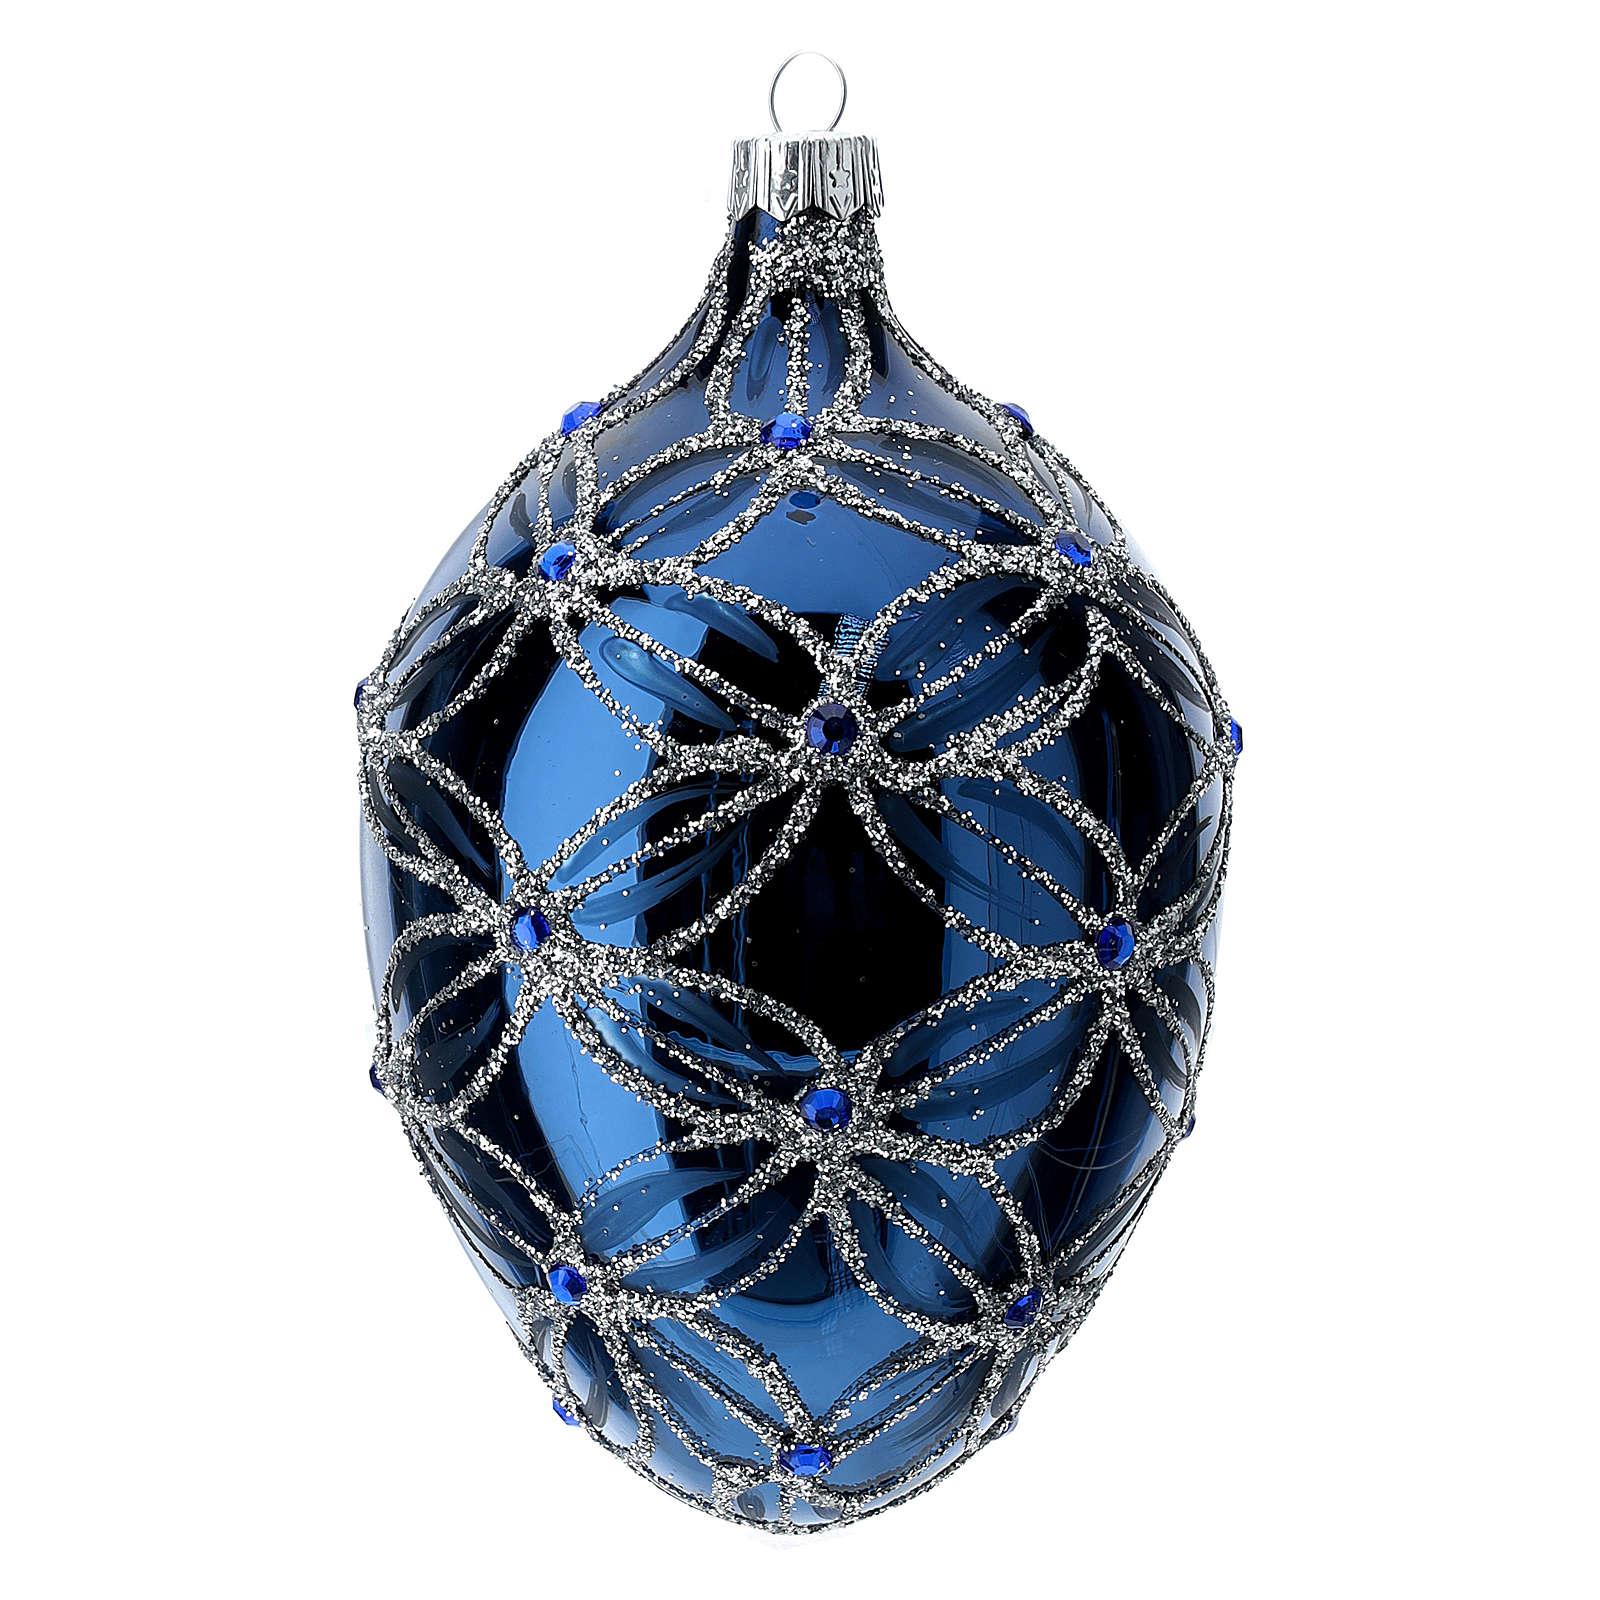 Weihnachtskugel aus mundgeblasenem Glas in Ei-Form, Grundton Blau, 130 mm 4